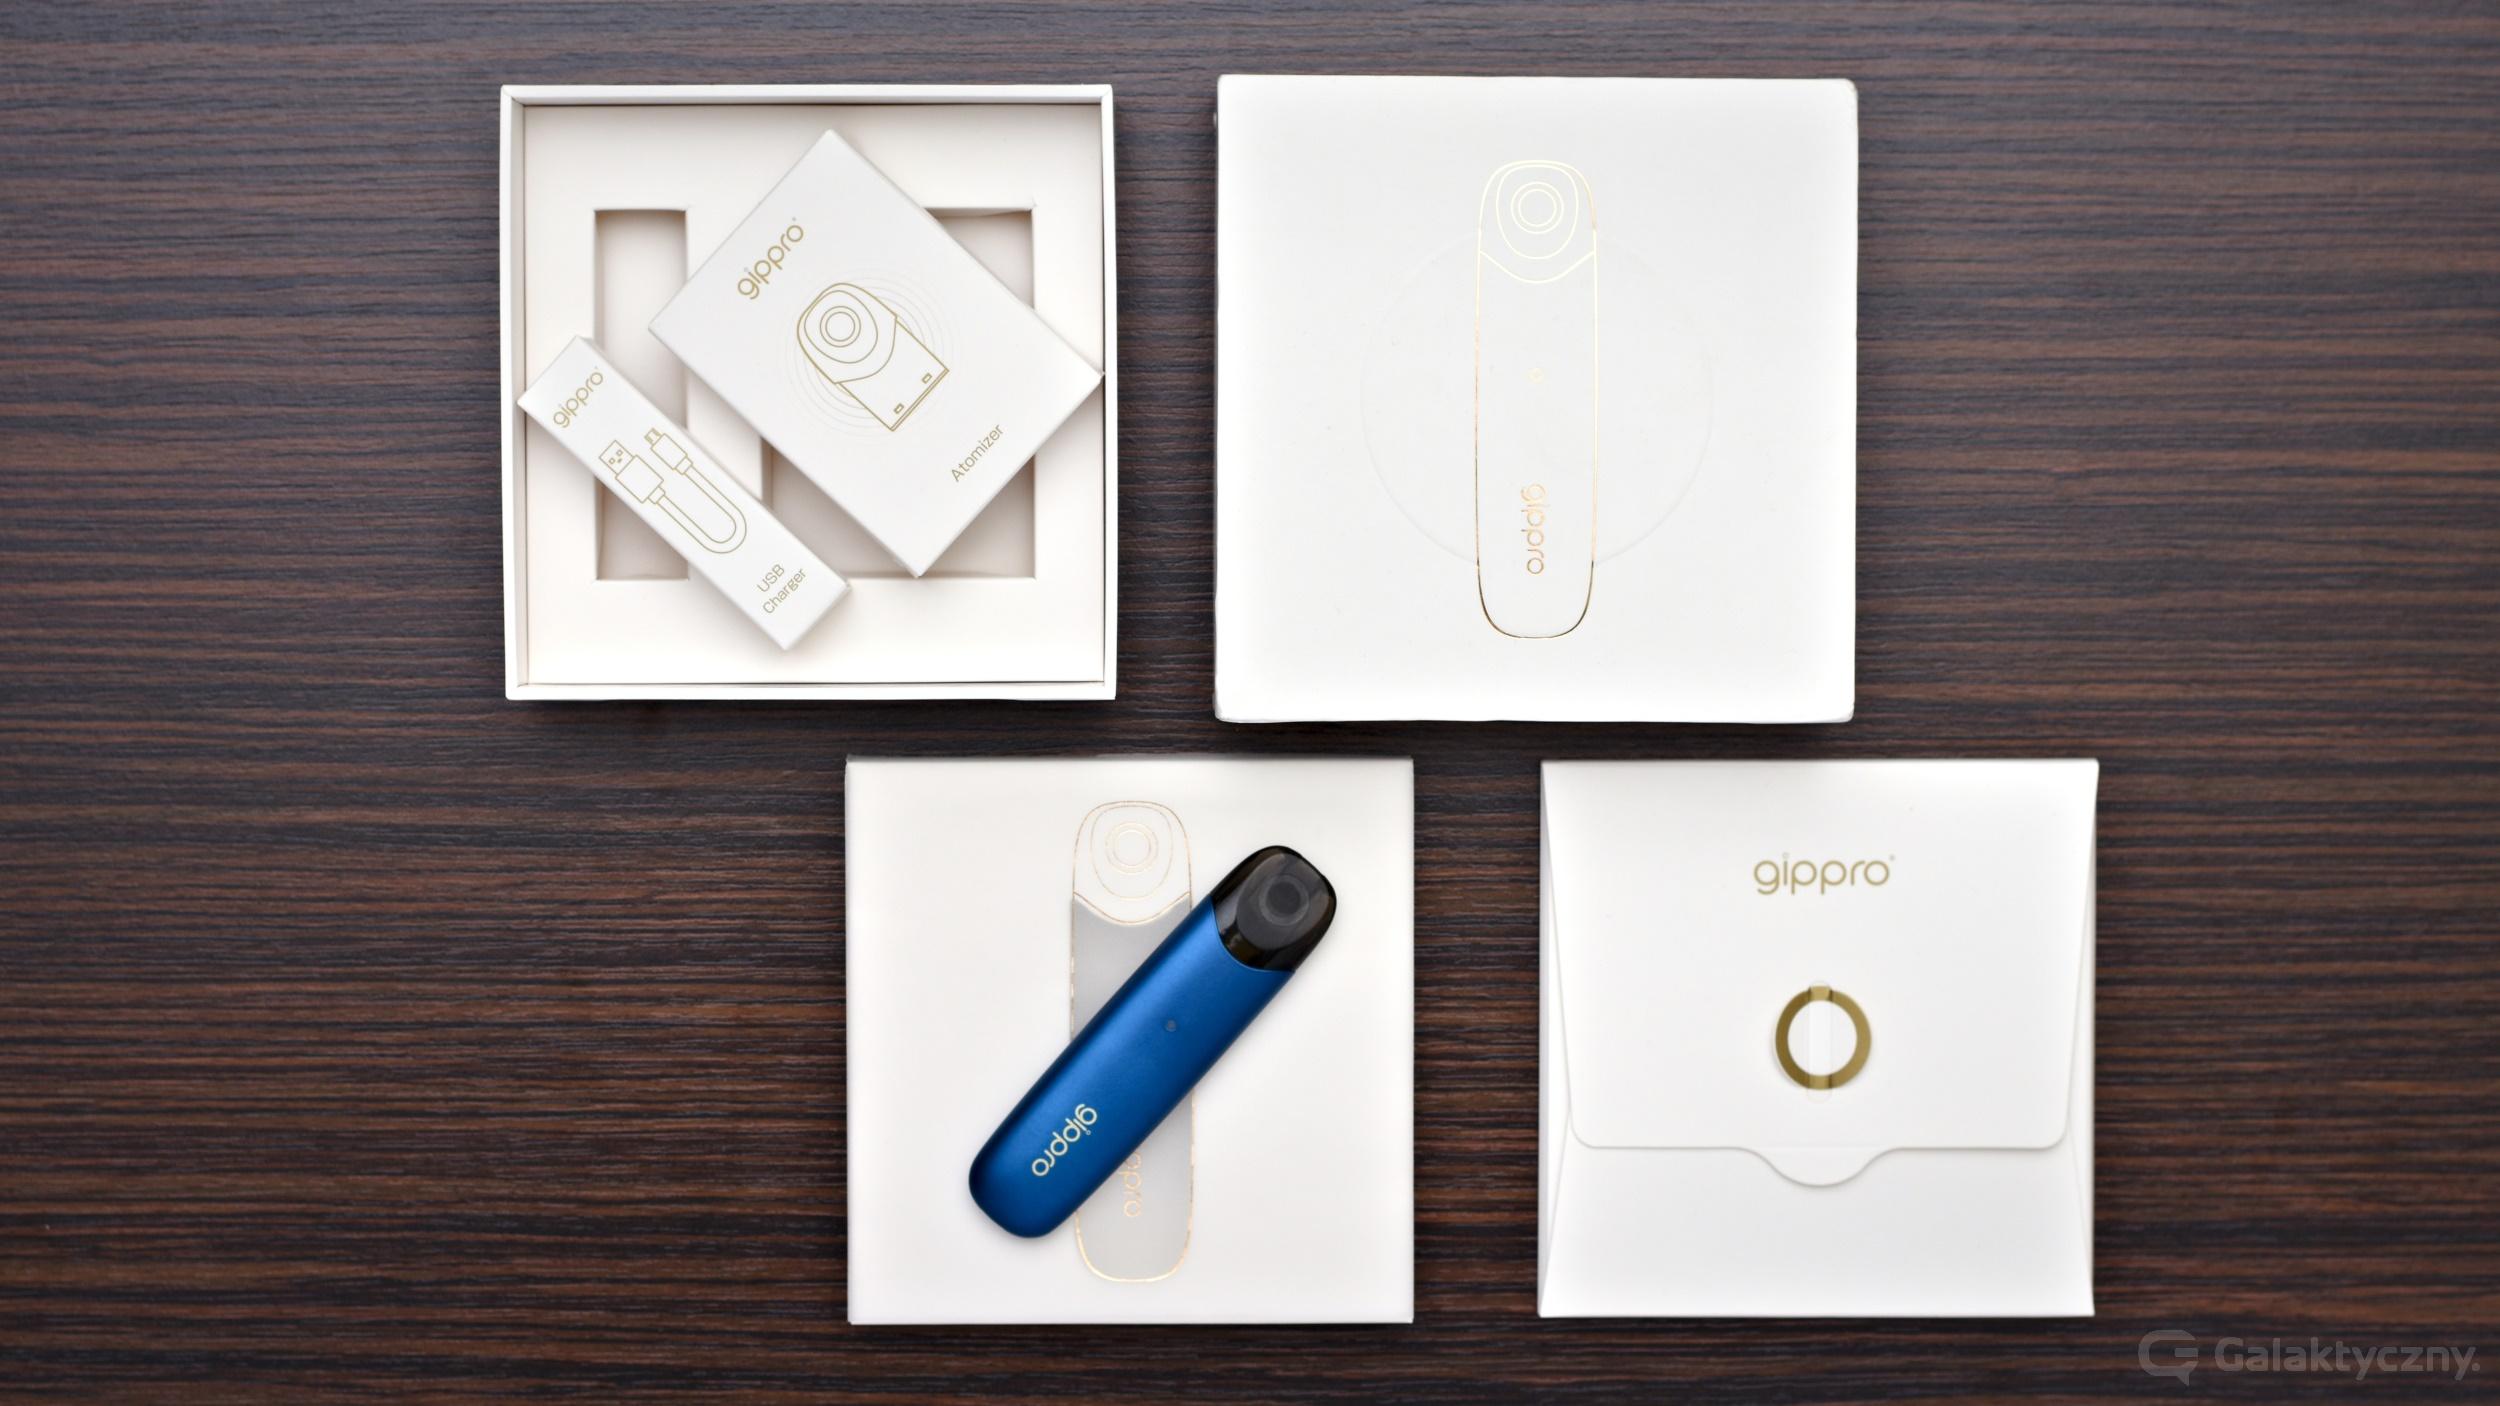 Gippro GP-6